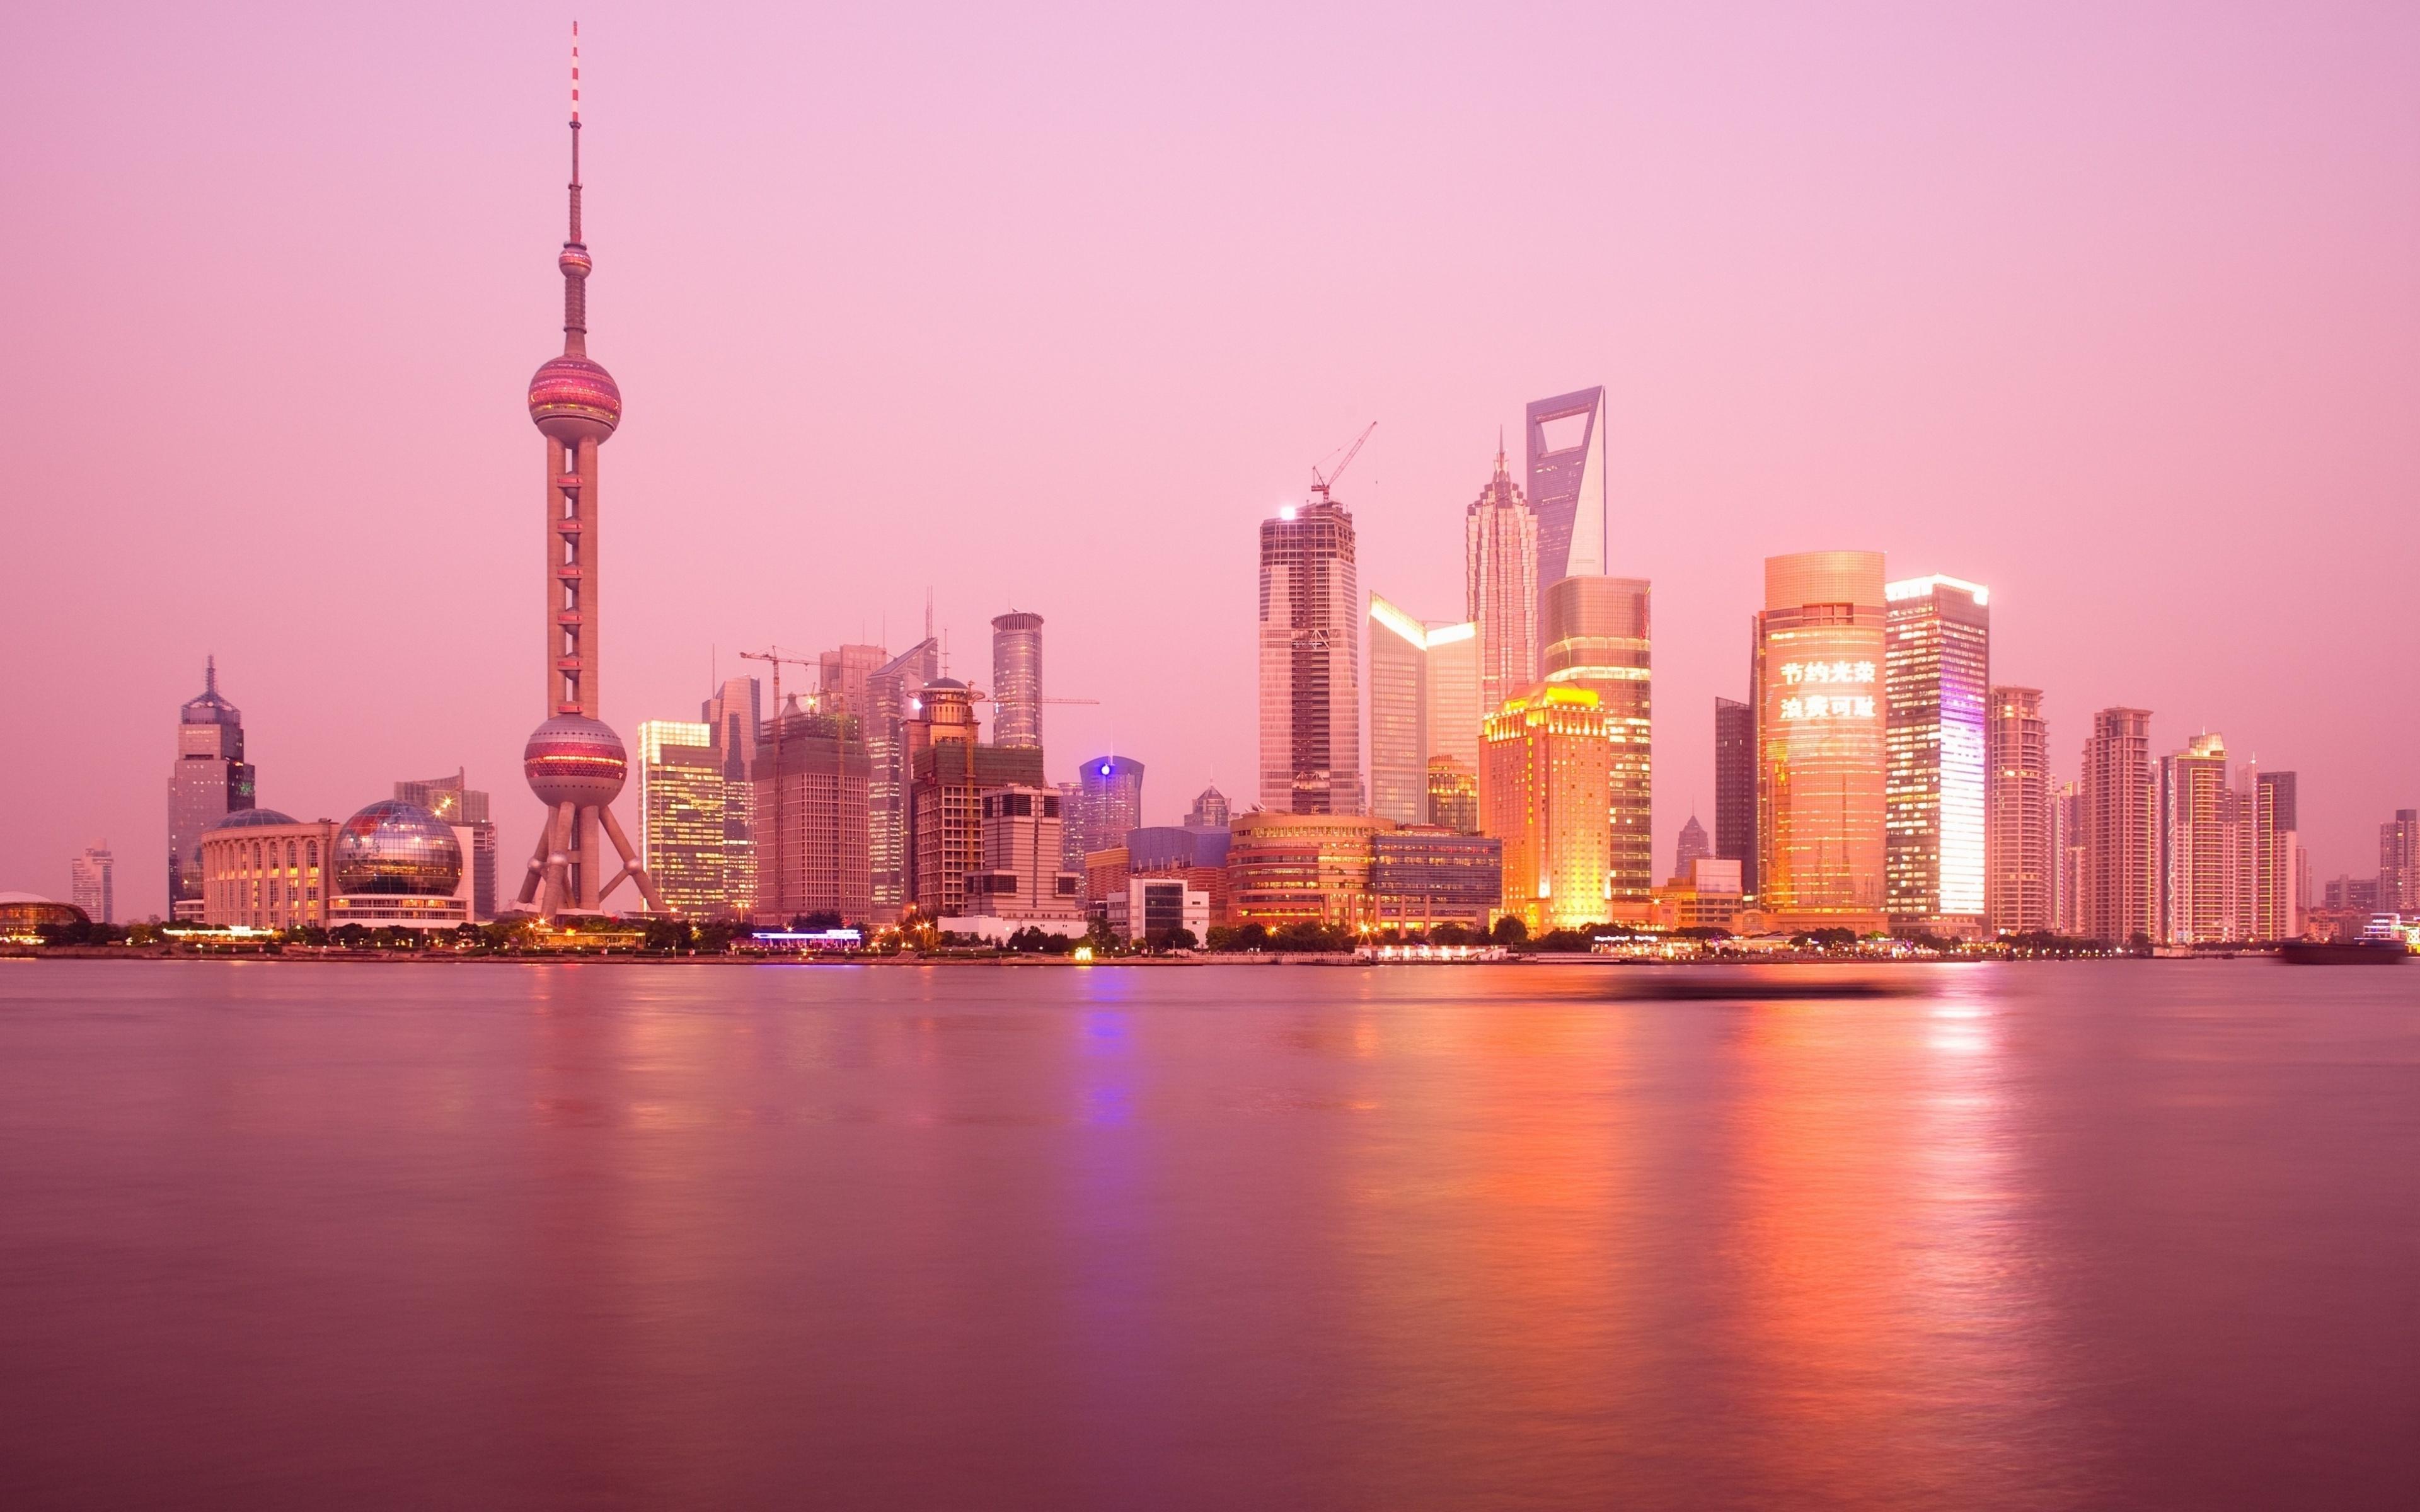 wallpaper shanghai - photo #37